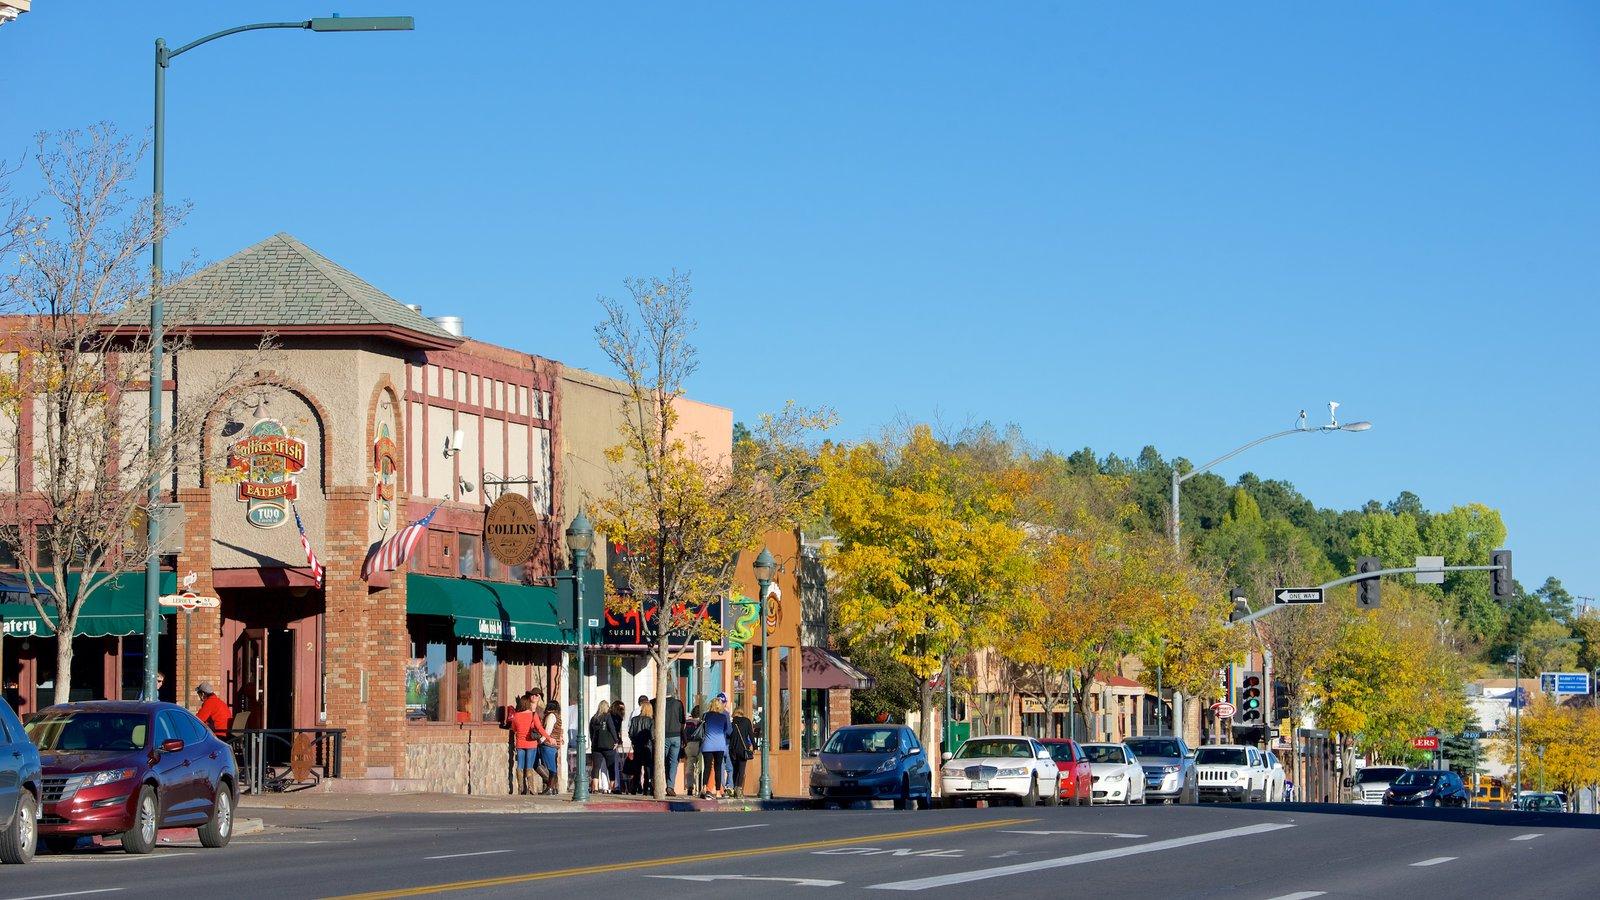 Flagstaff caracterizando cenas de rua